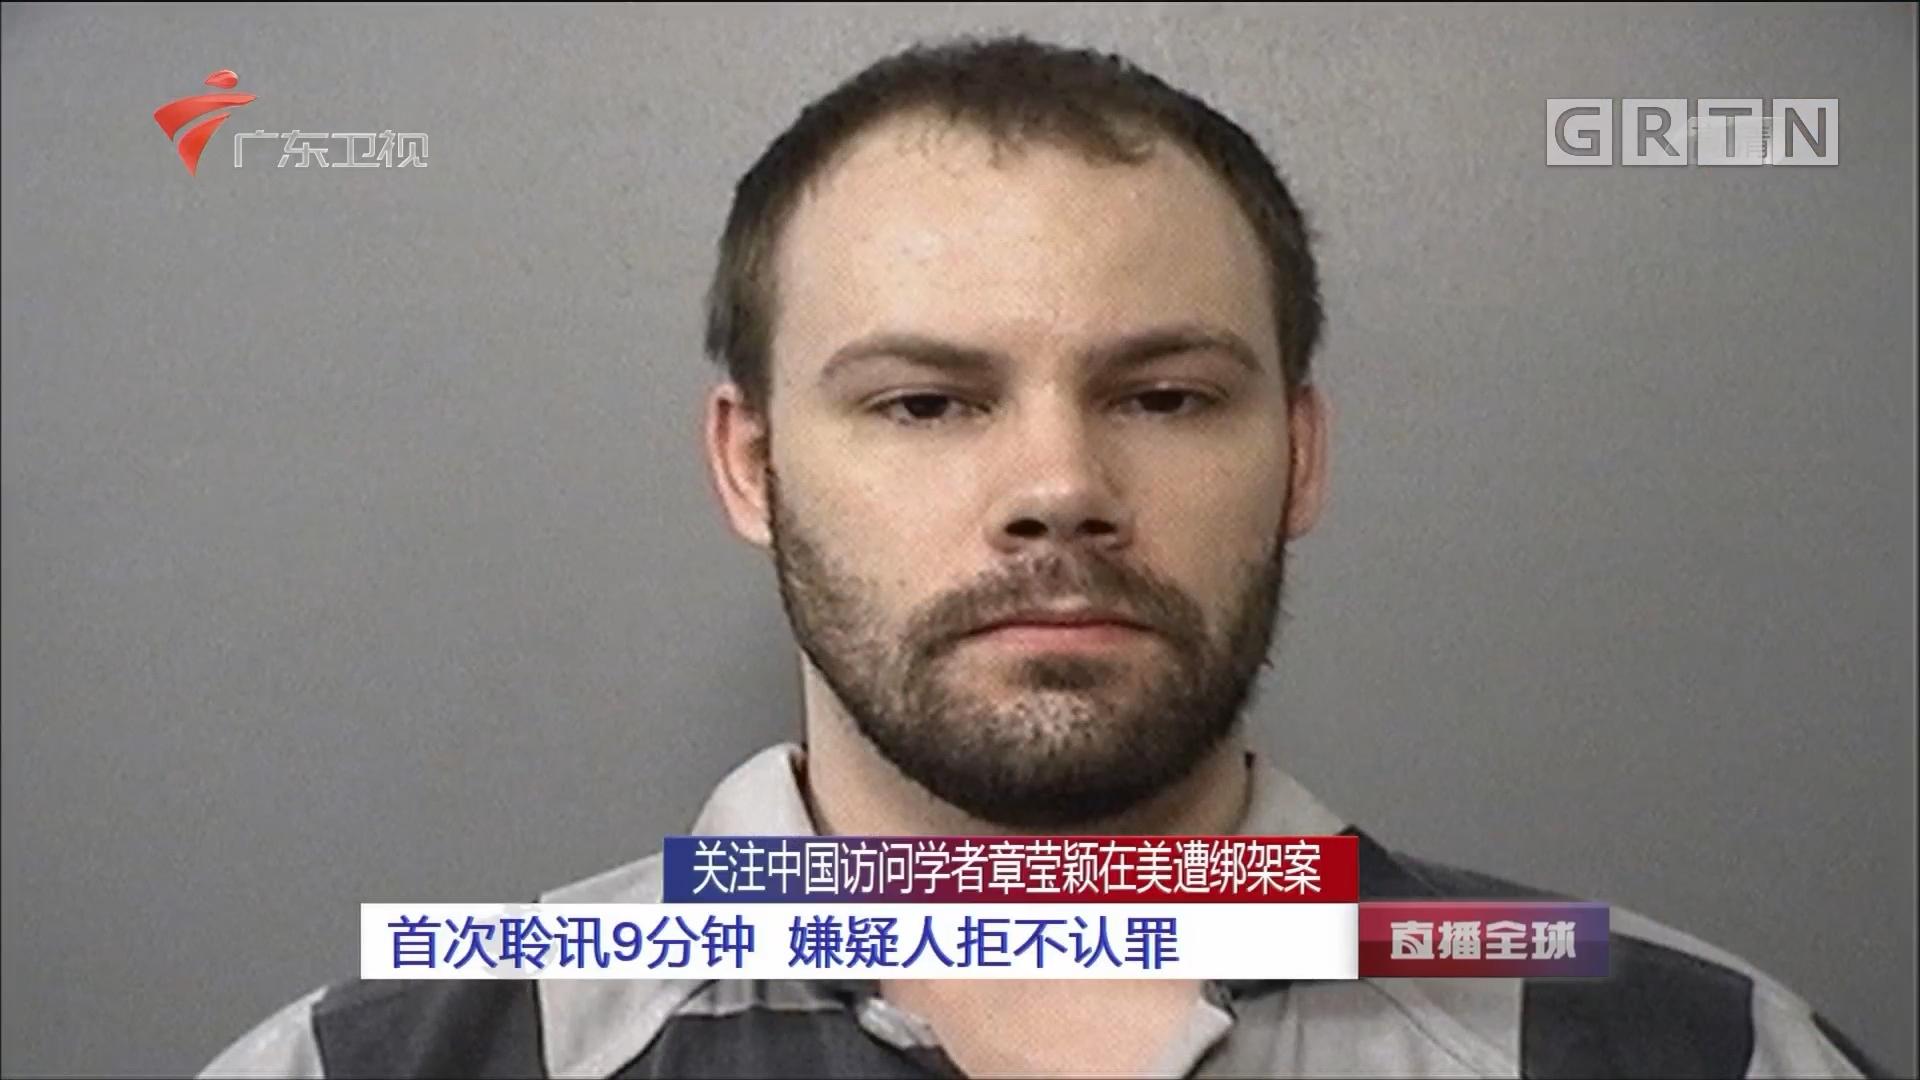 关注中国访问学者章莹颖在美遭绑架案:首次聆讯9分钟 嫌疑人拒不认罪